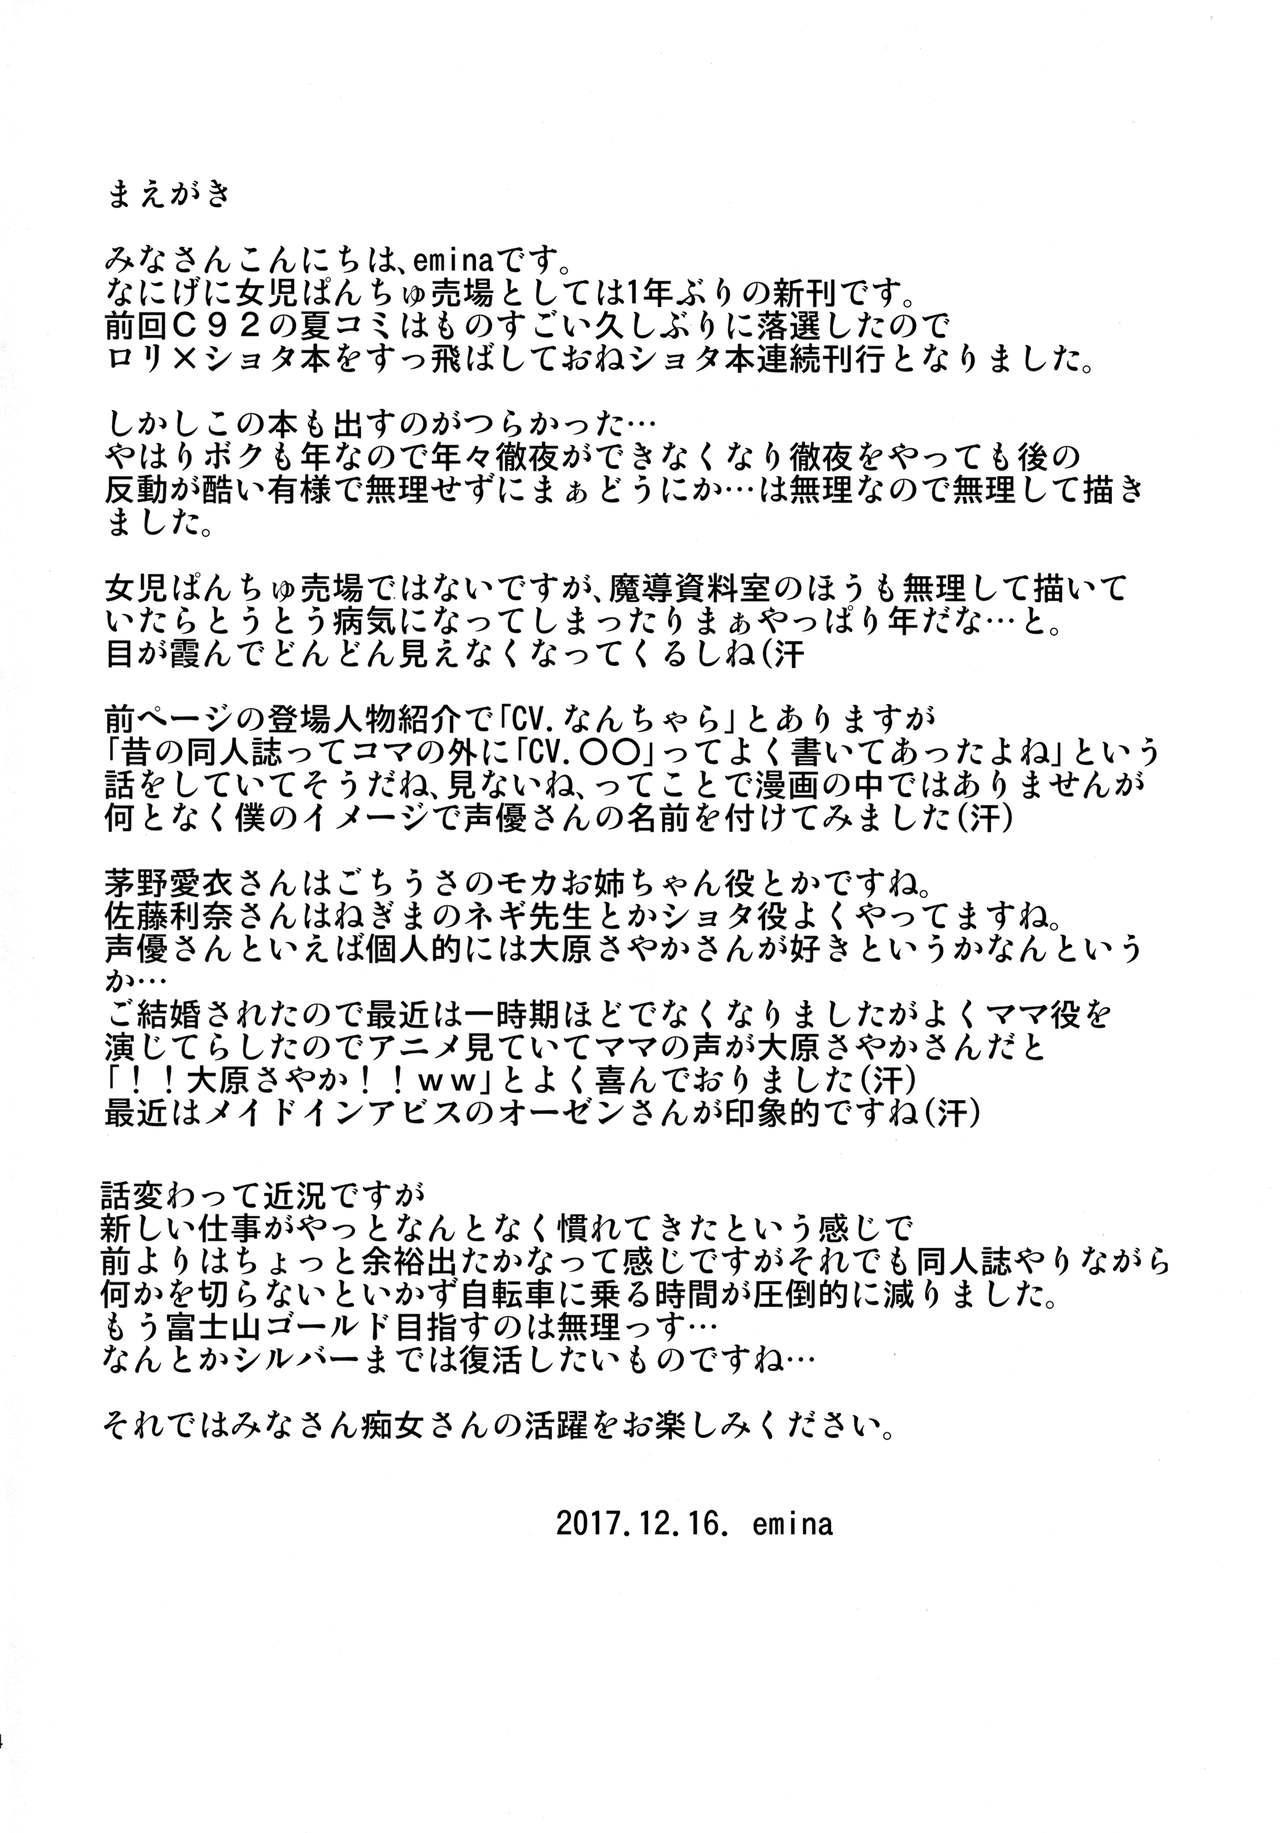 Danshi Shougakusei no Onanie o Mitai Chijo ga Iru You desu yo? 2